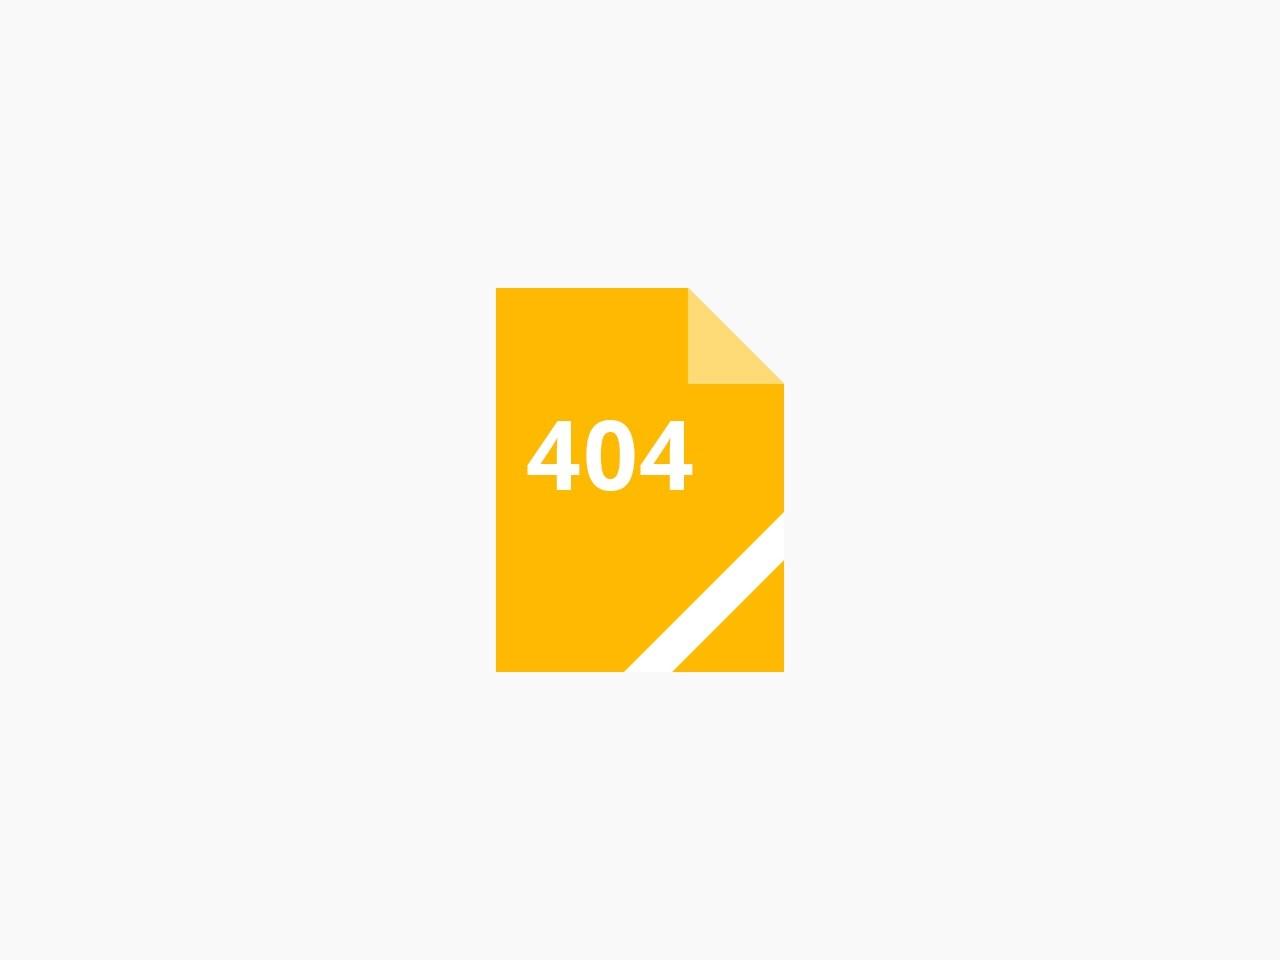 麦布站长网 - 专注于网站推广和网络赚钱的站长站